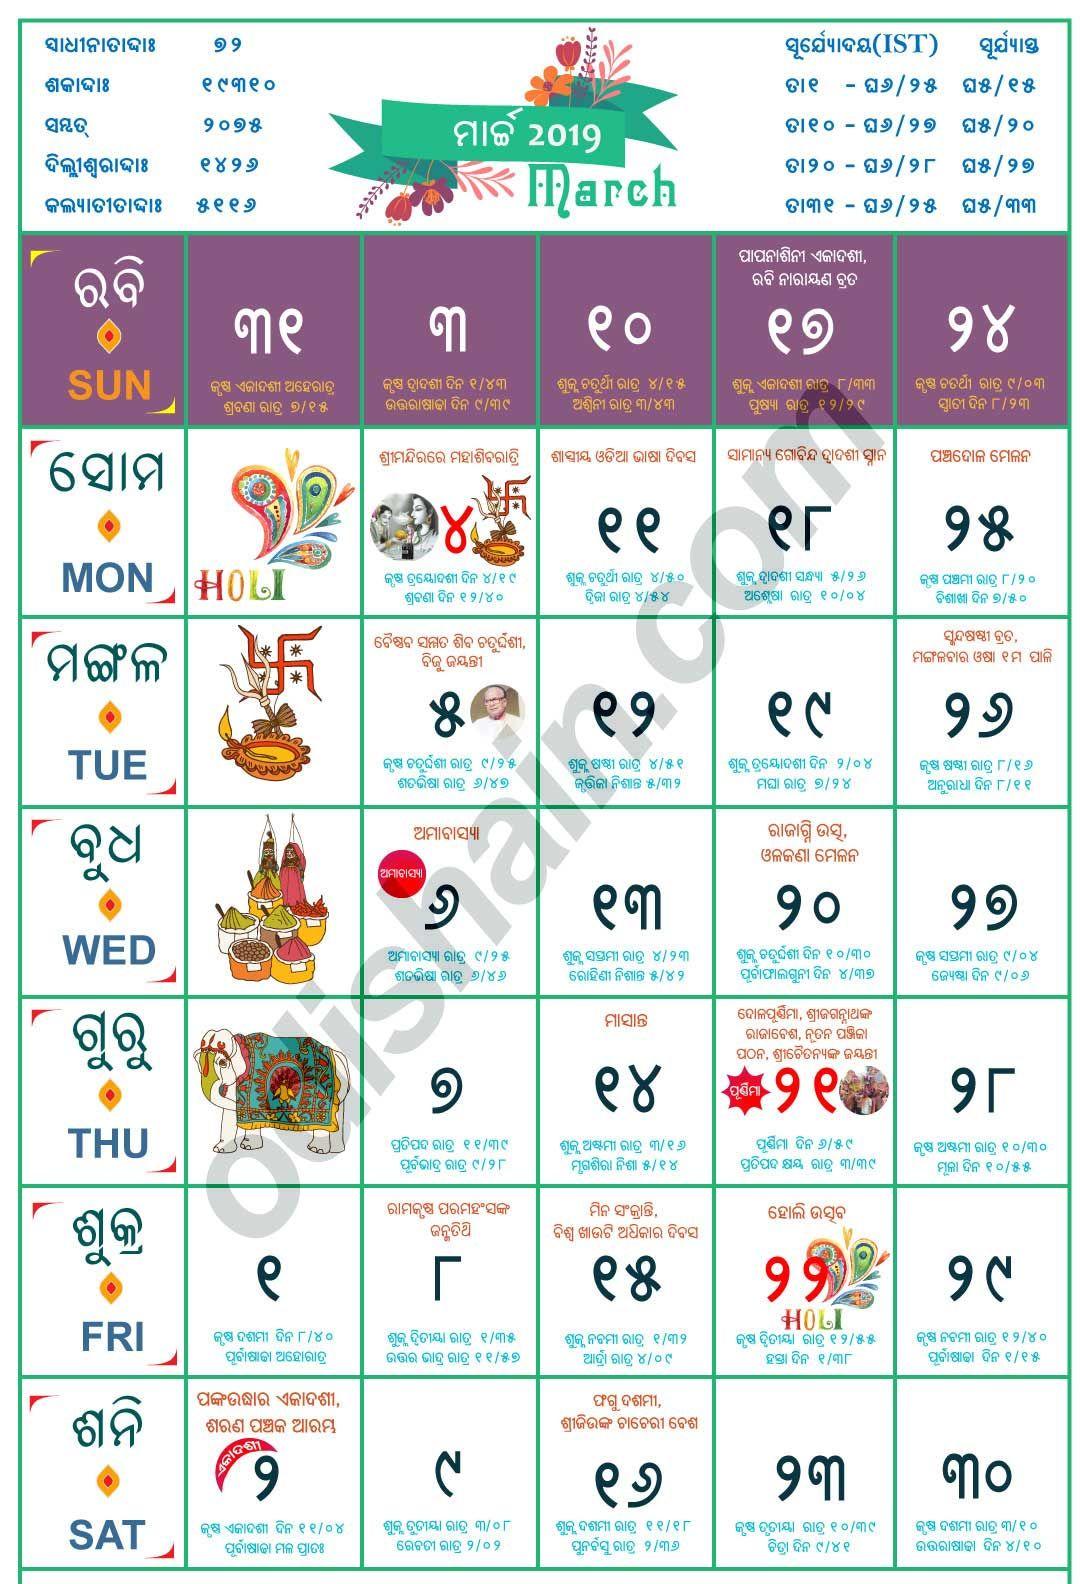 Odia Calendar 2020 March.Odia Calendar 2019 March Odishain Com Cleader 2019 Calendar